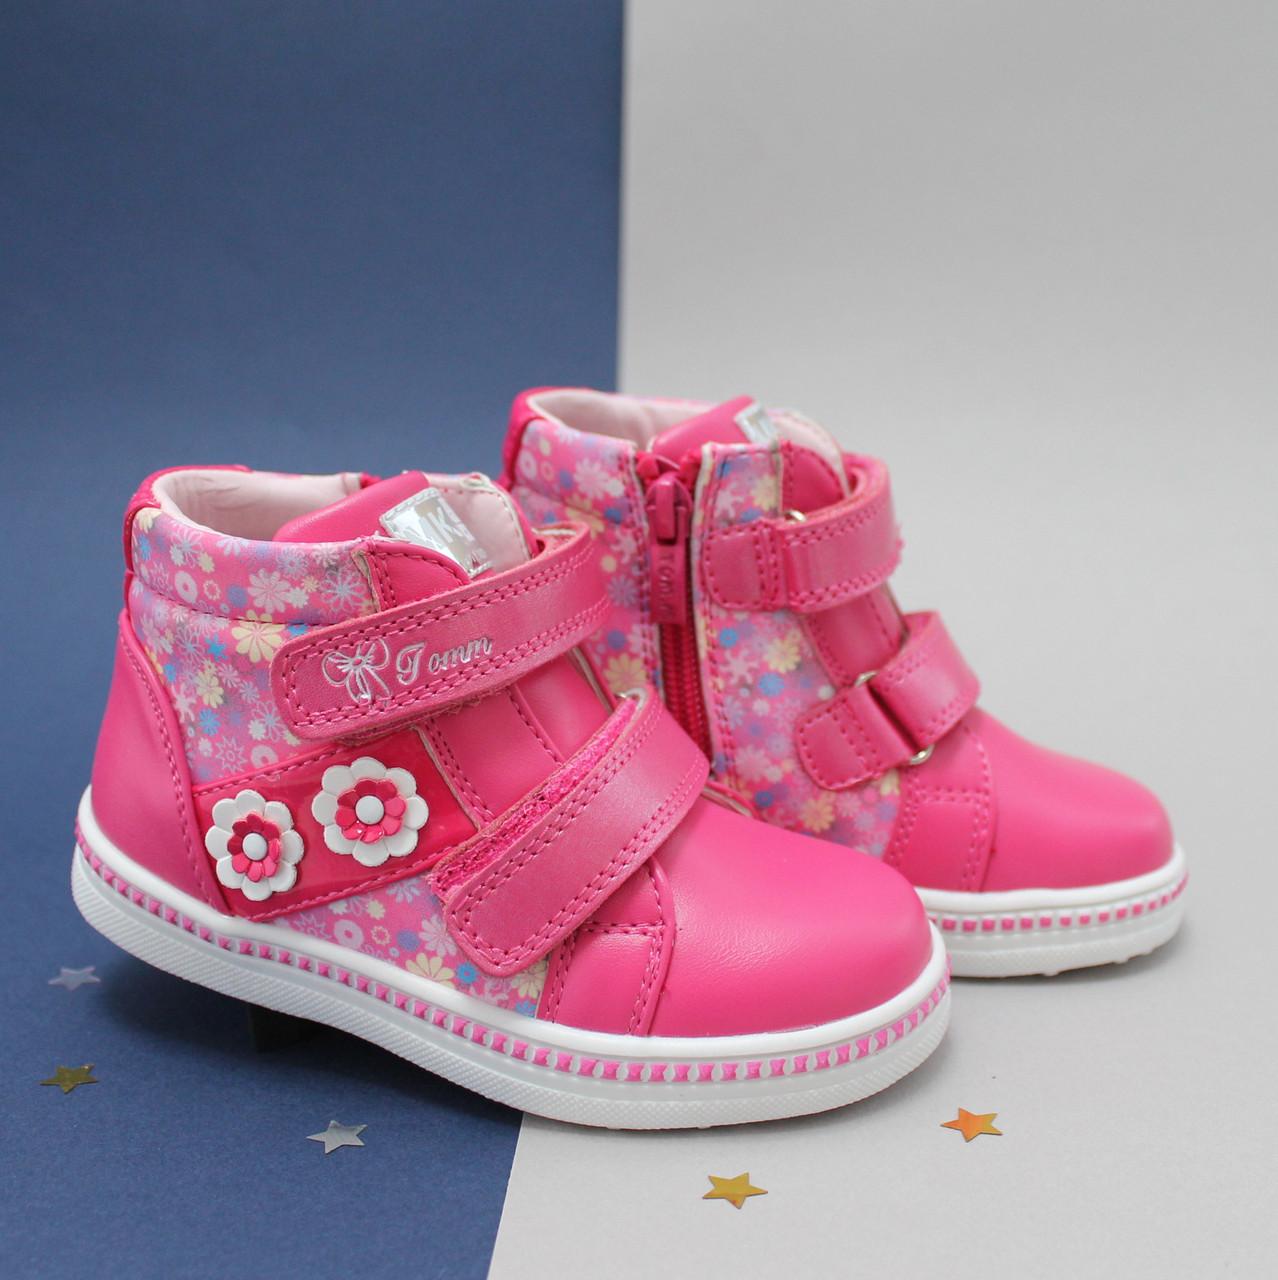 Купить Демисезонные ботинки для девочки Малиновые Стразы на липучках ... e601ba1e295e5